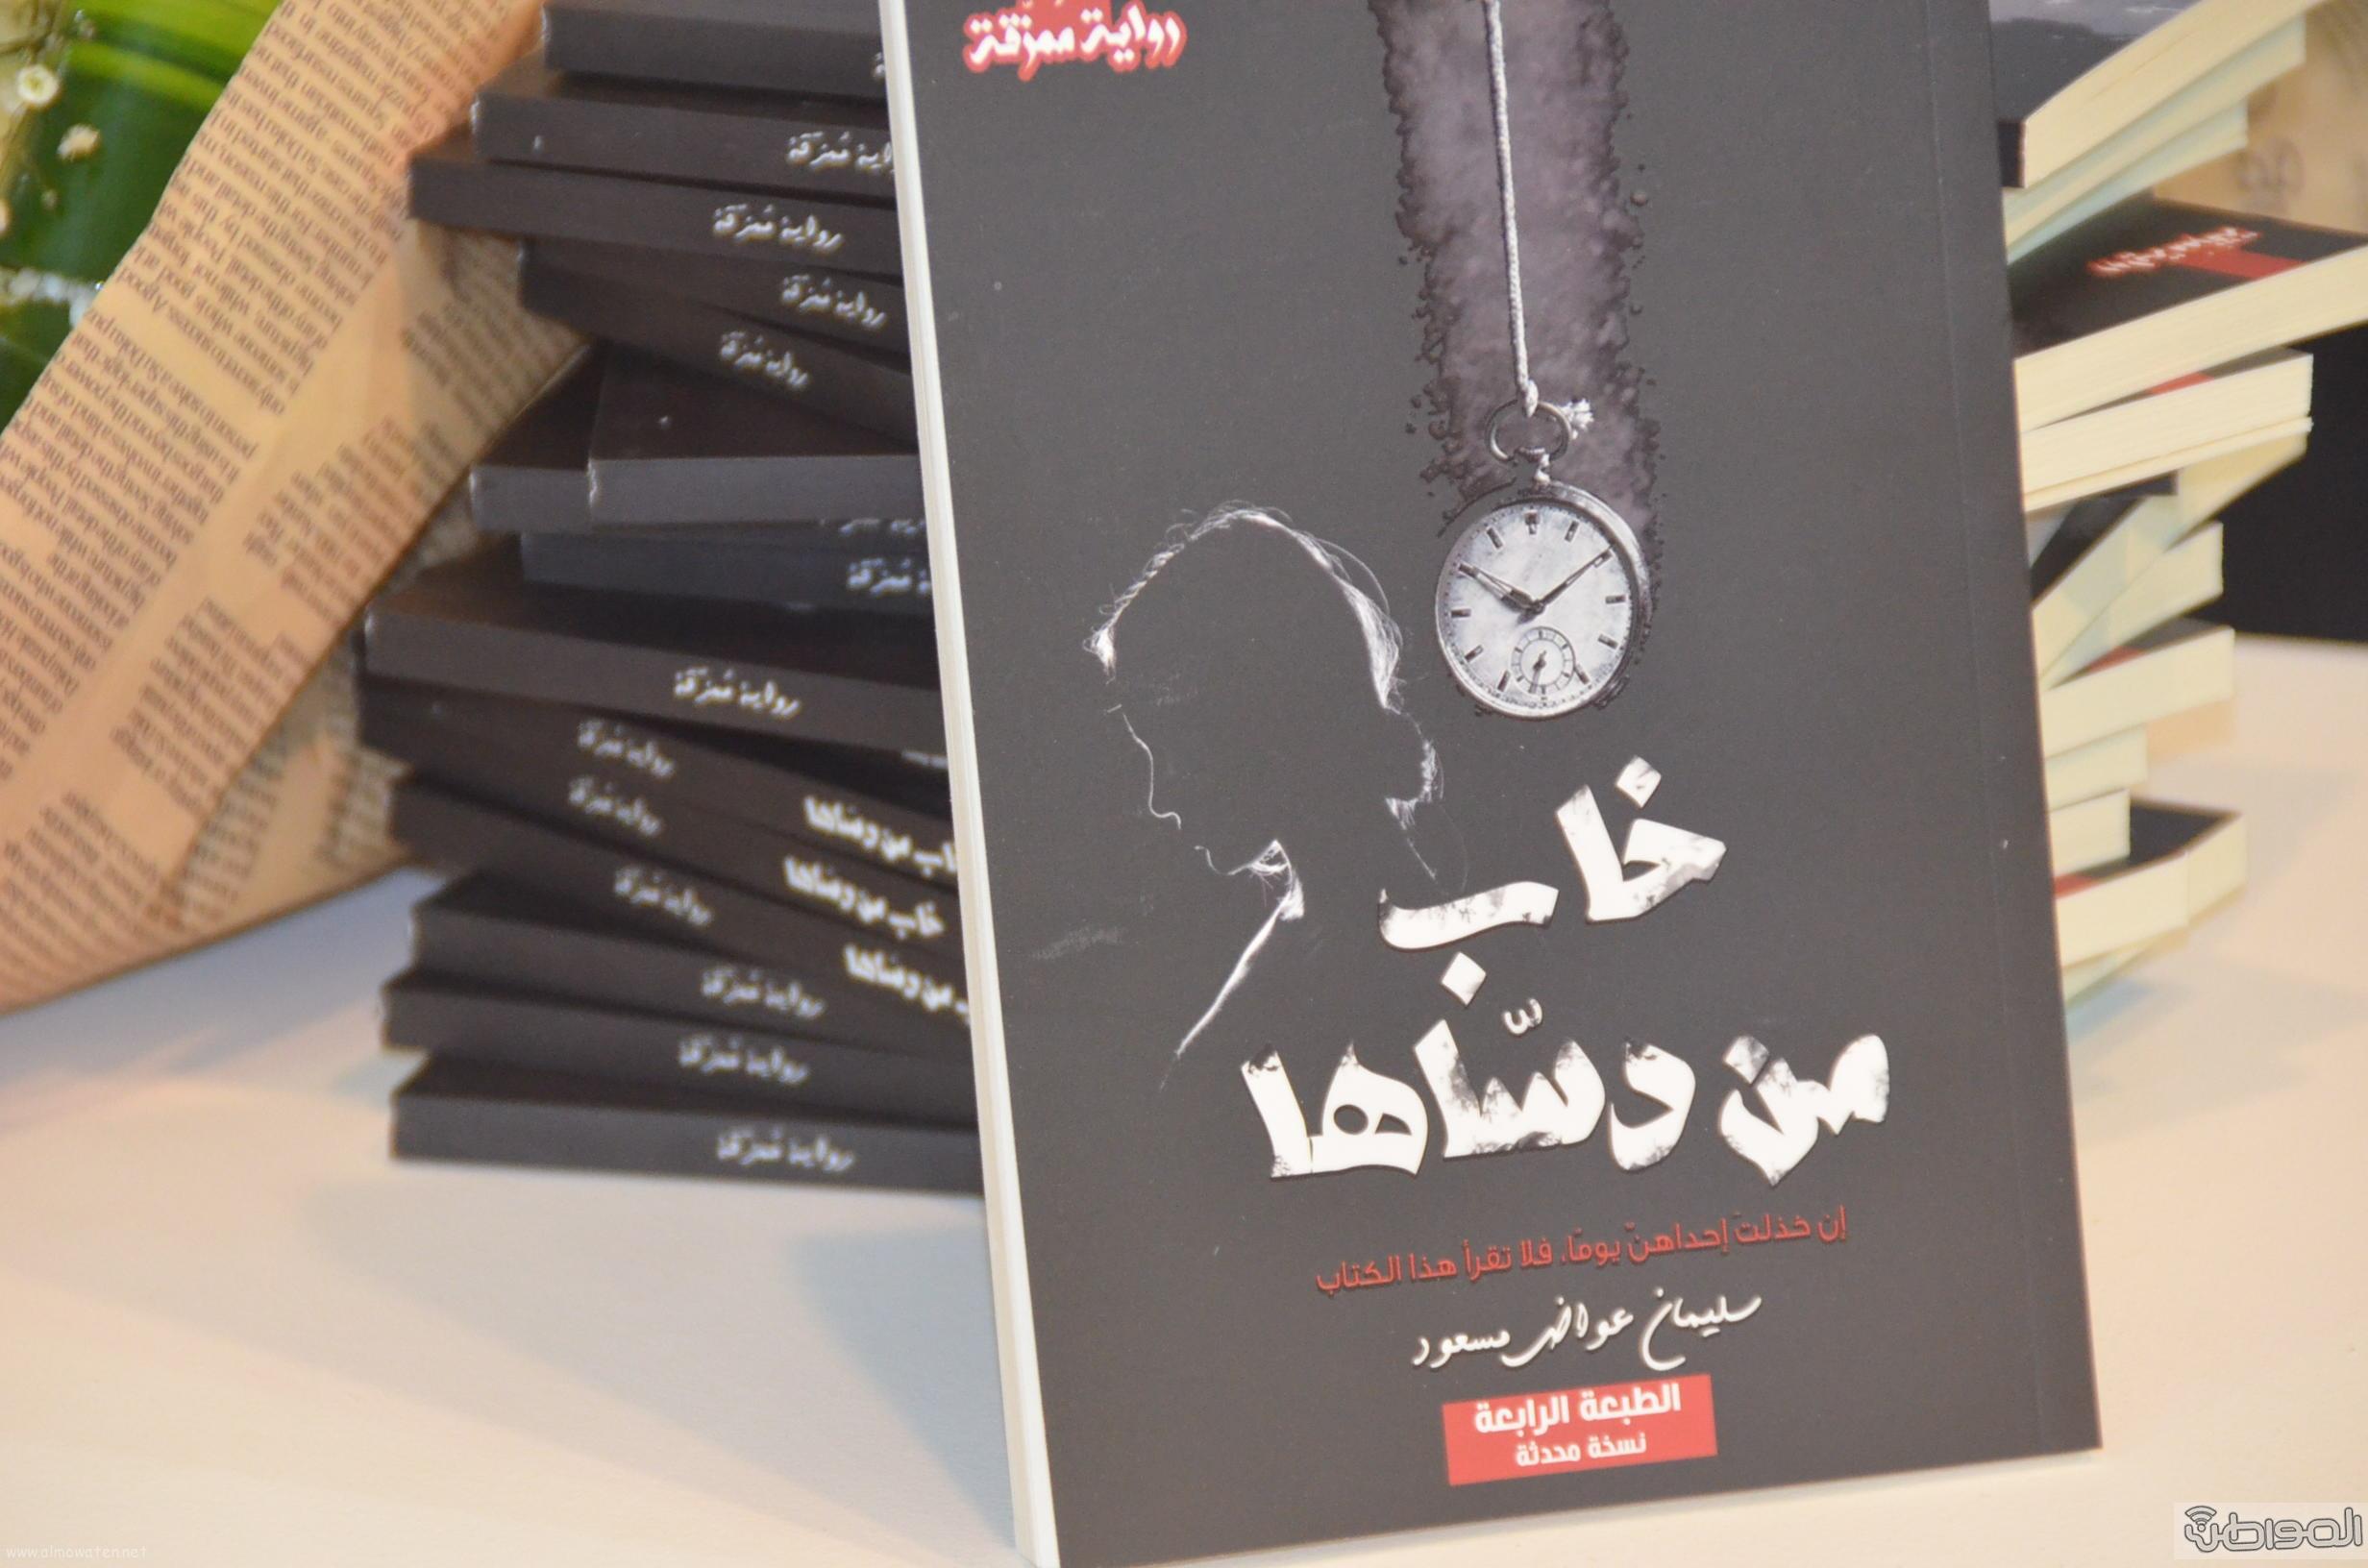 معرض-الكتاب-بجدة (7)